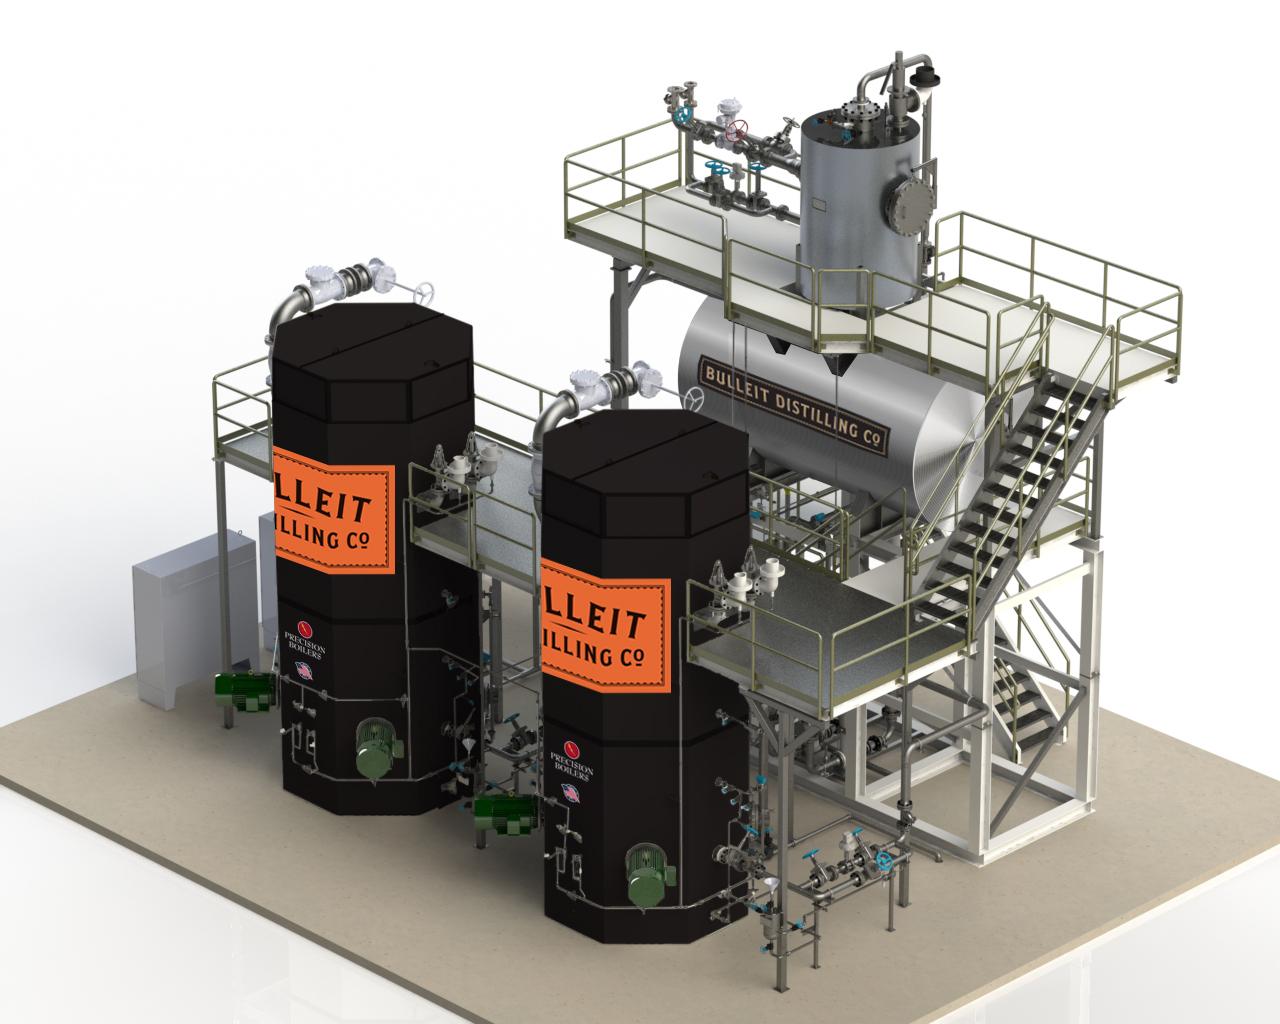 Bulleit Bourbon's New Kentucky Distillery Will Be Carbon Neutral photo